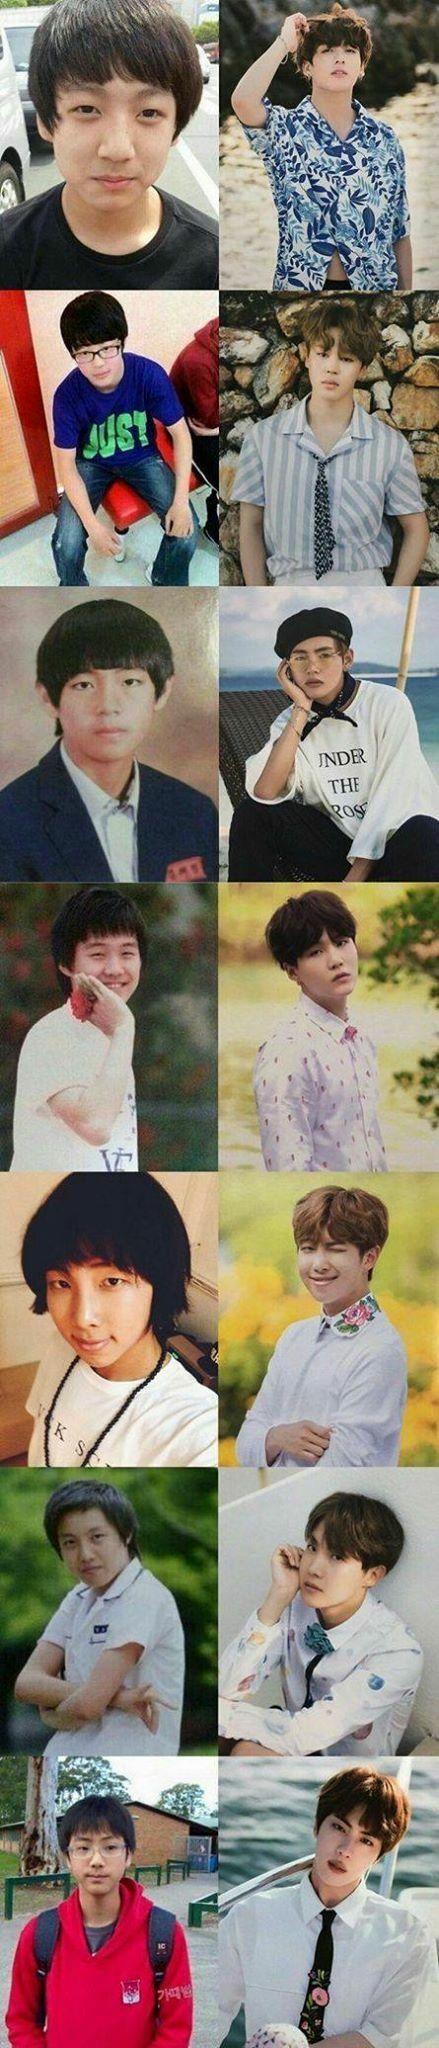 BTS | ante e depois ( é os nossos meninos cresceram e mudaram muito )